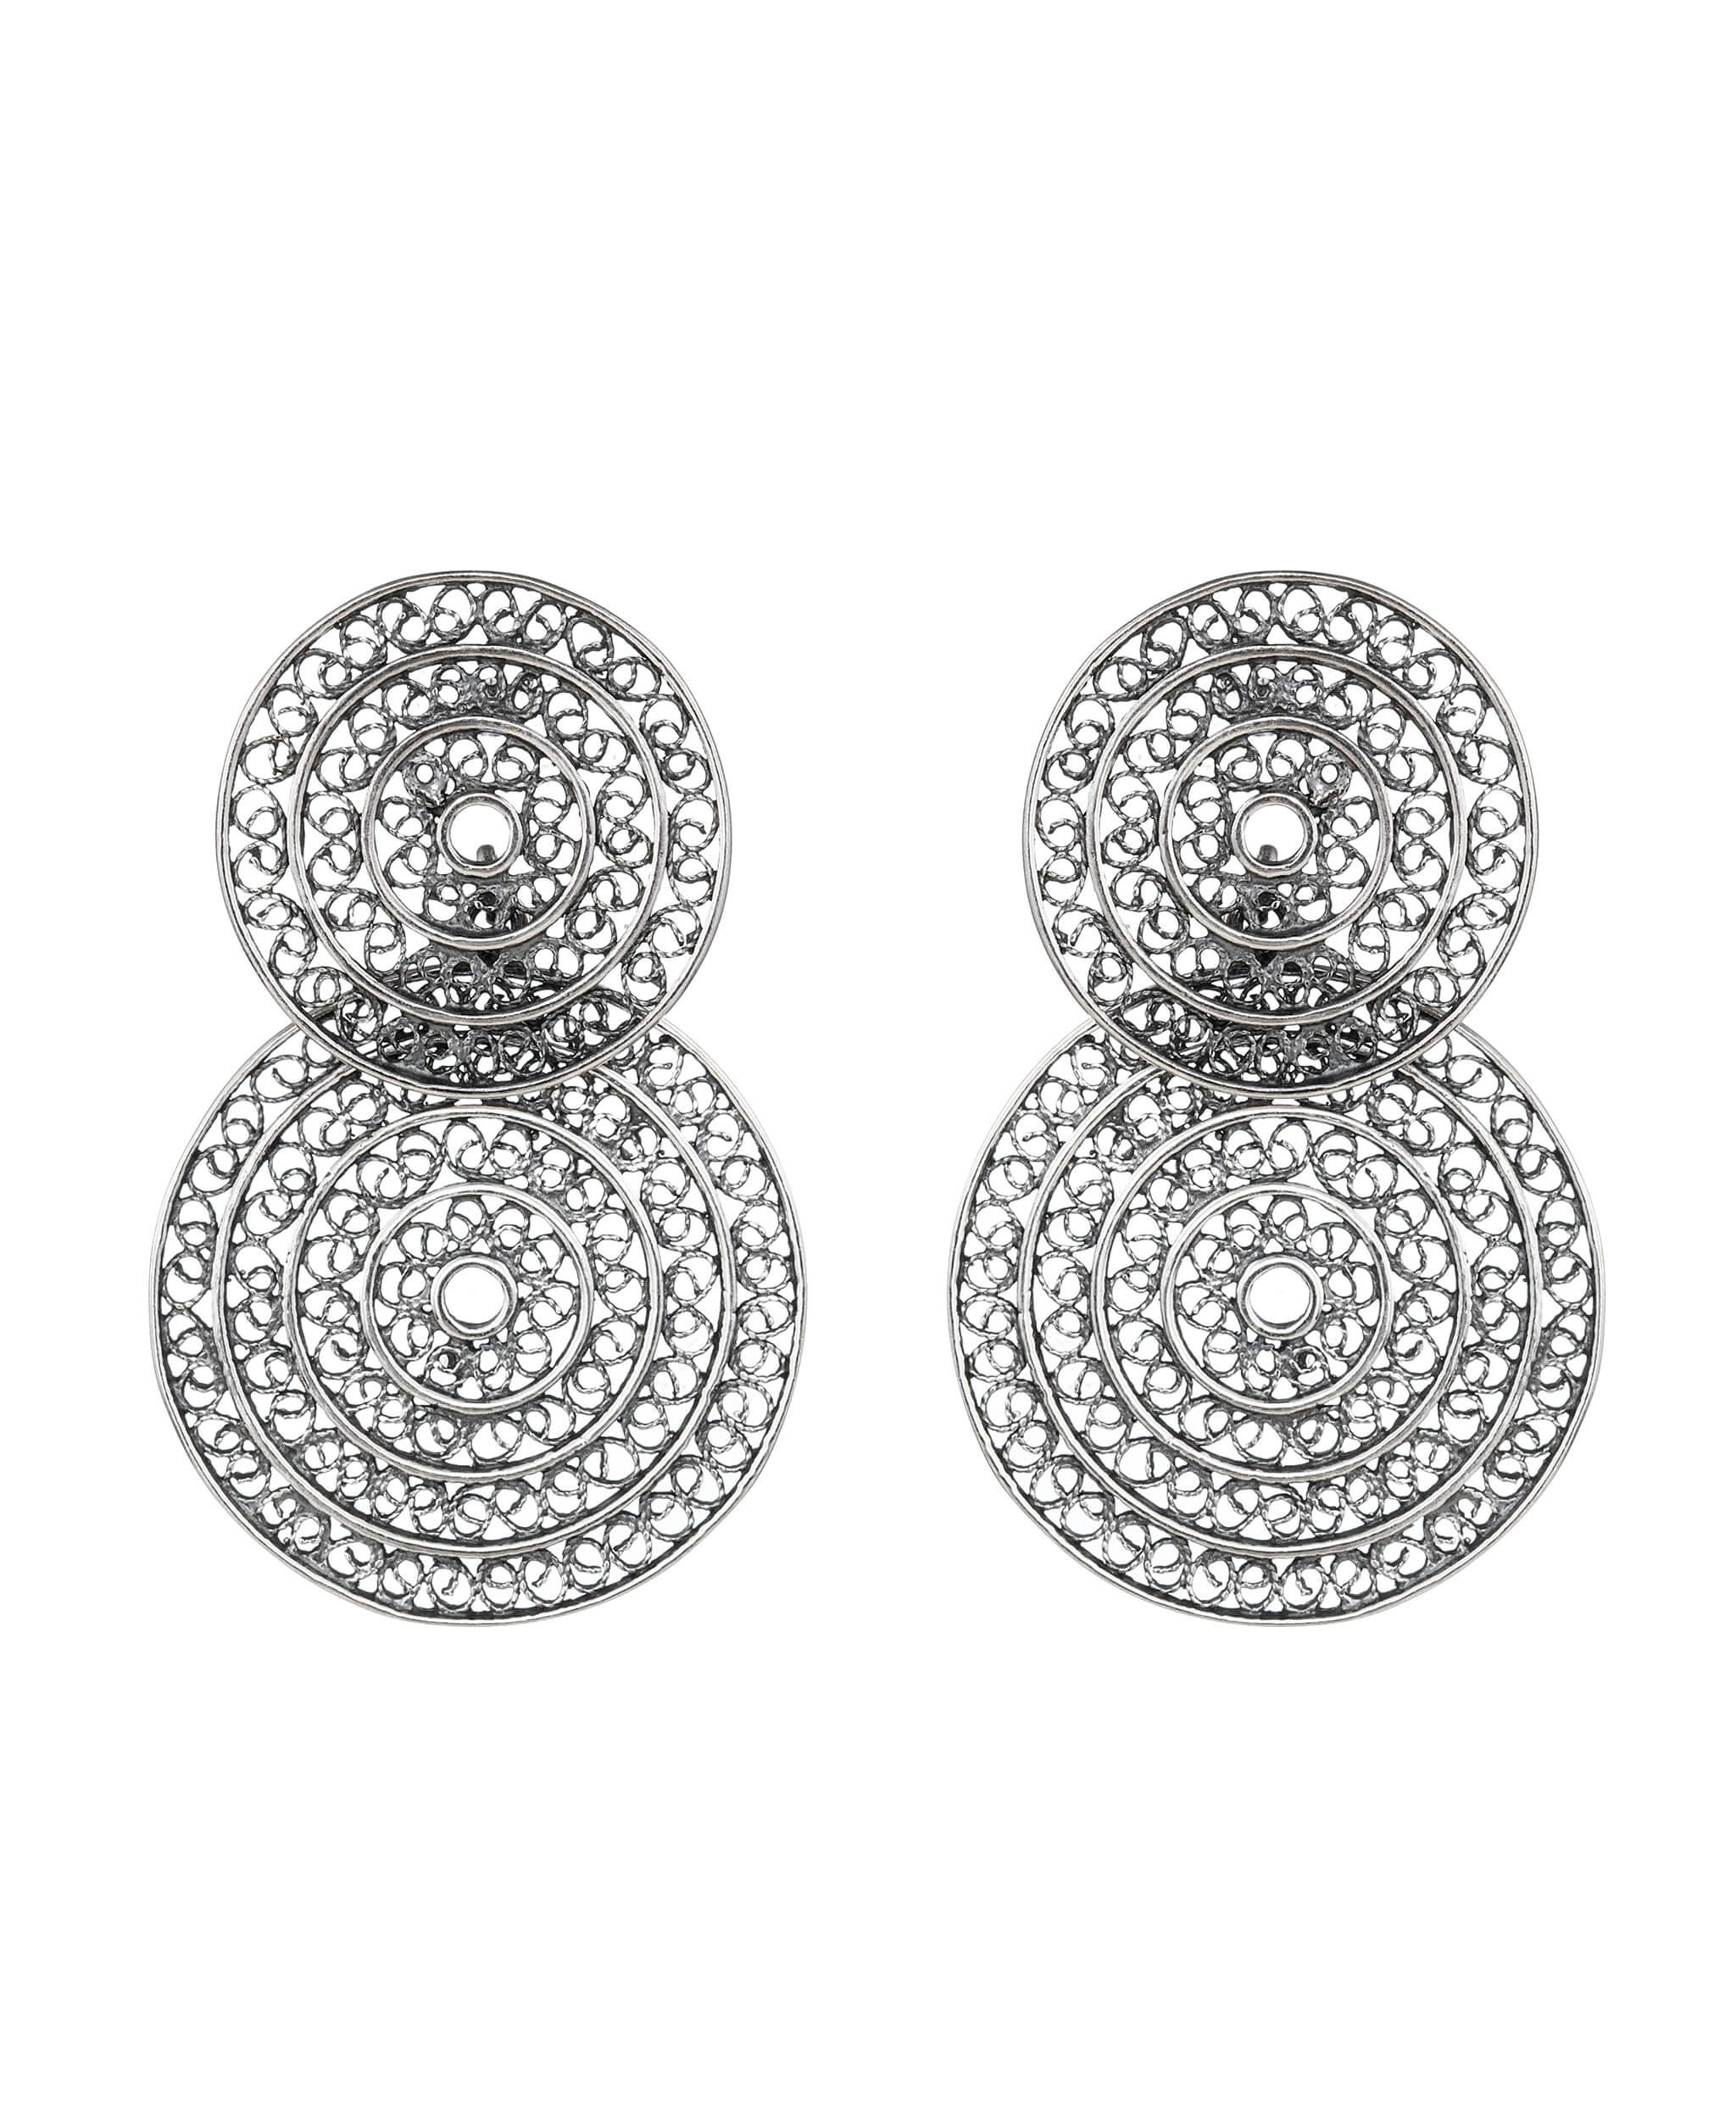 Cercei Argint Filigran - Lucrati Manual - Unicat